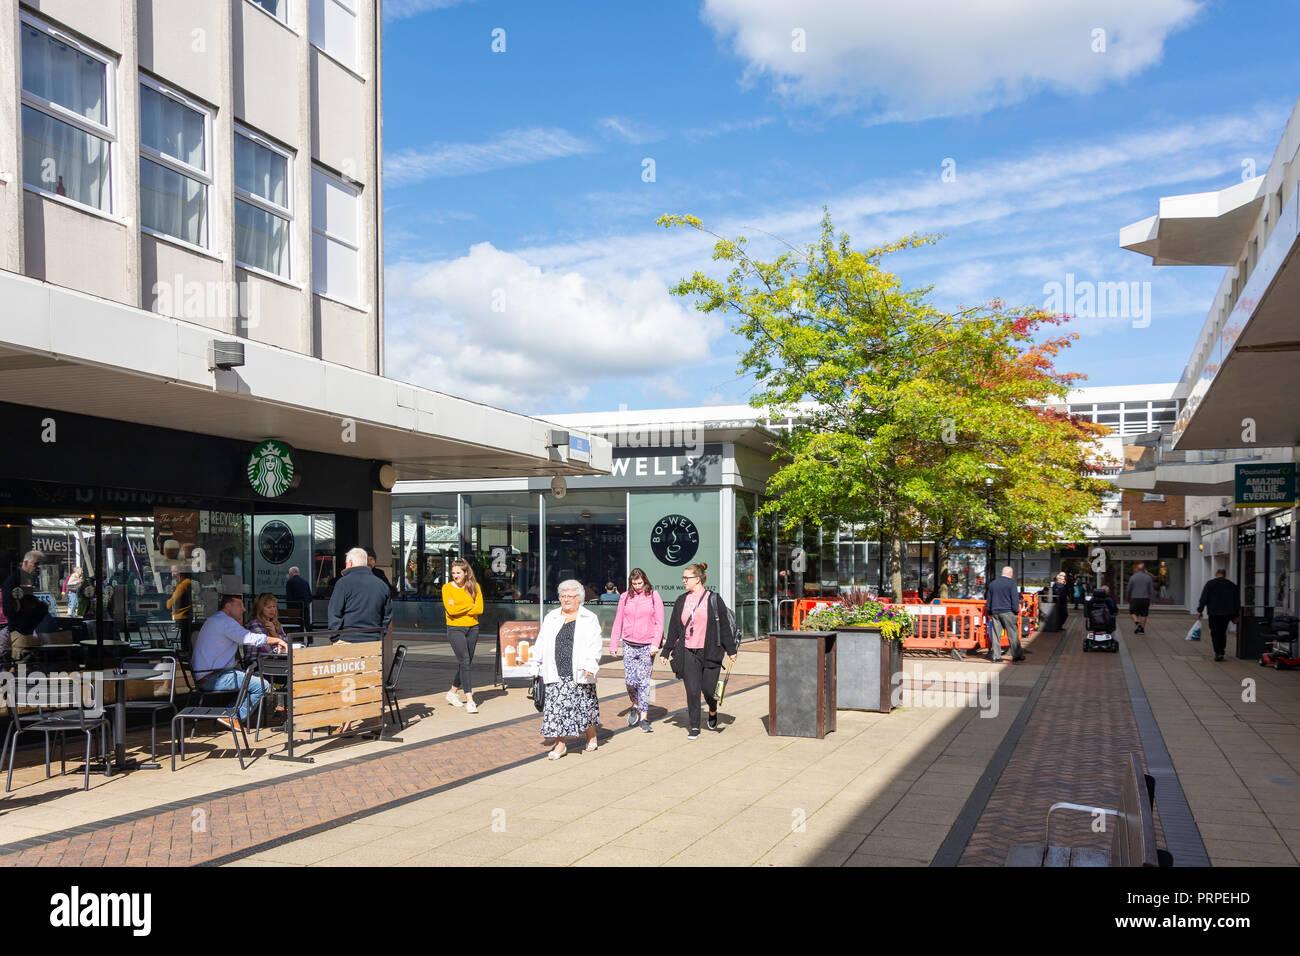 Yate Shopping Centre, Yate, Gloucestershire, England, United Kingdom - Stock Image